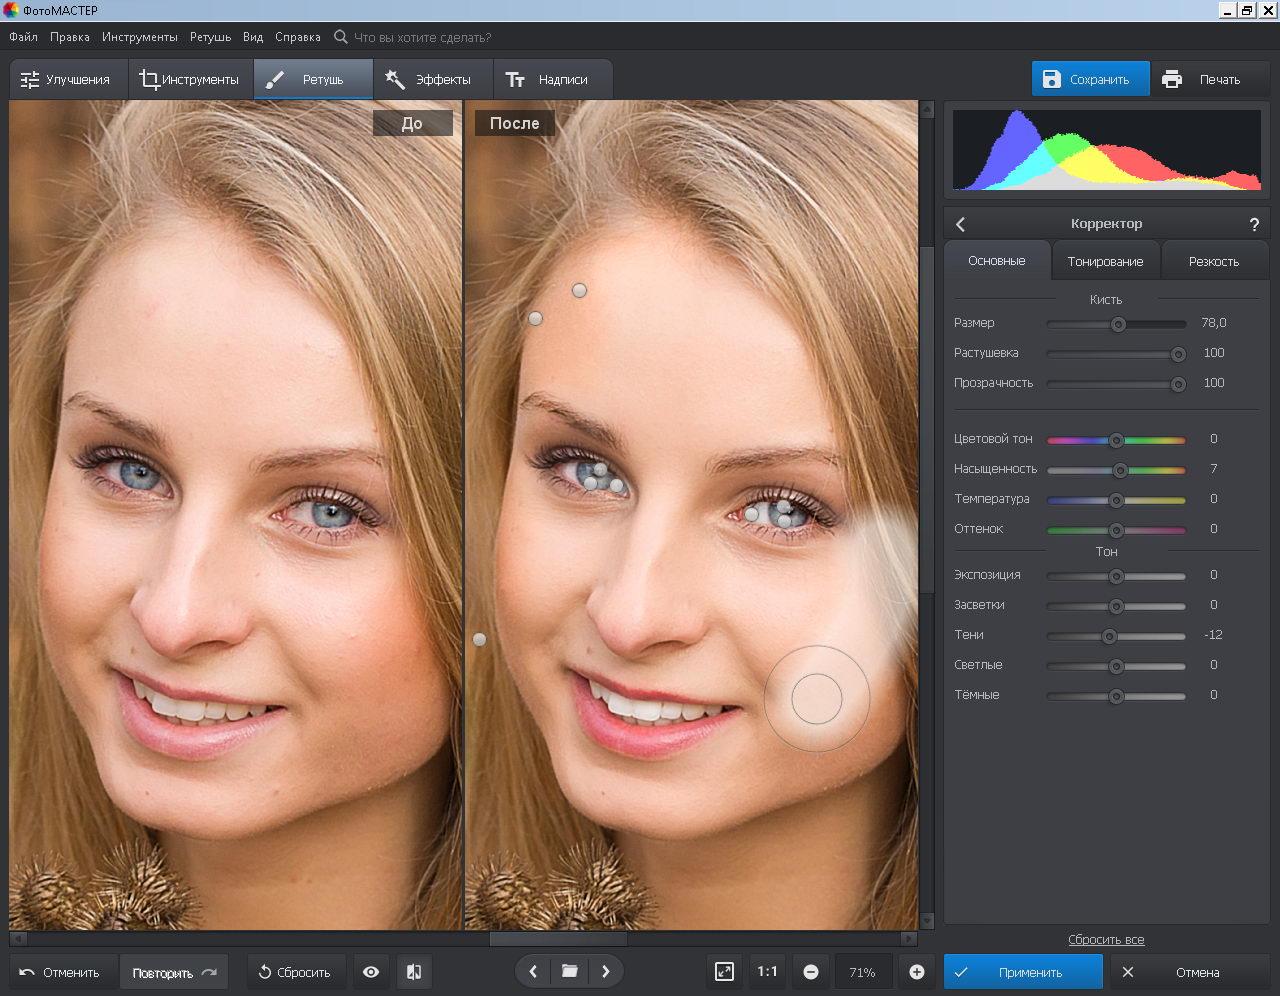 Автоматическая обработка фотографий в редакторе №4